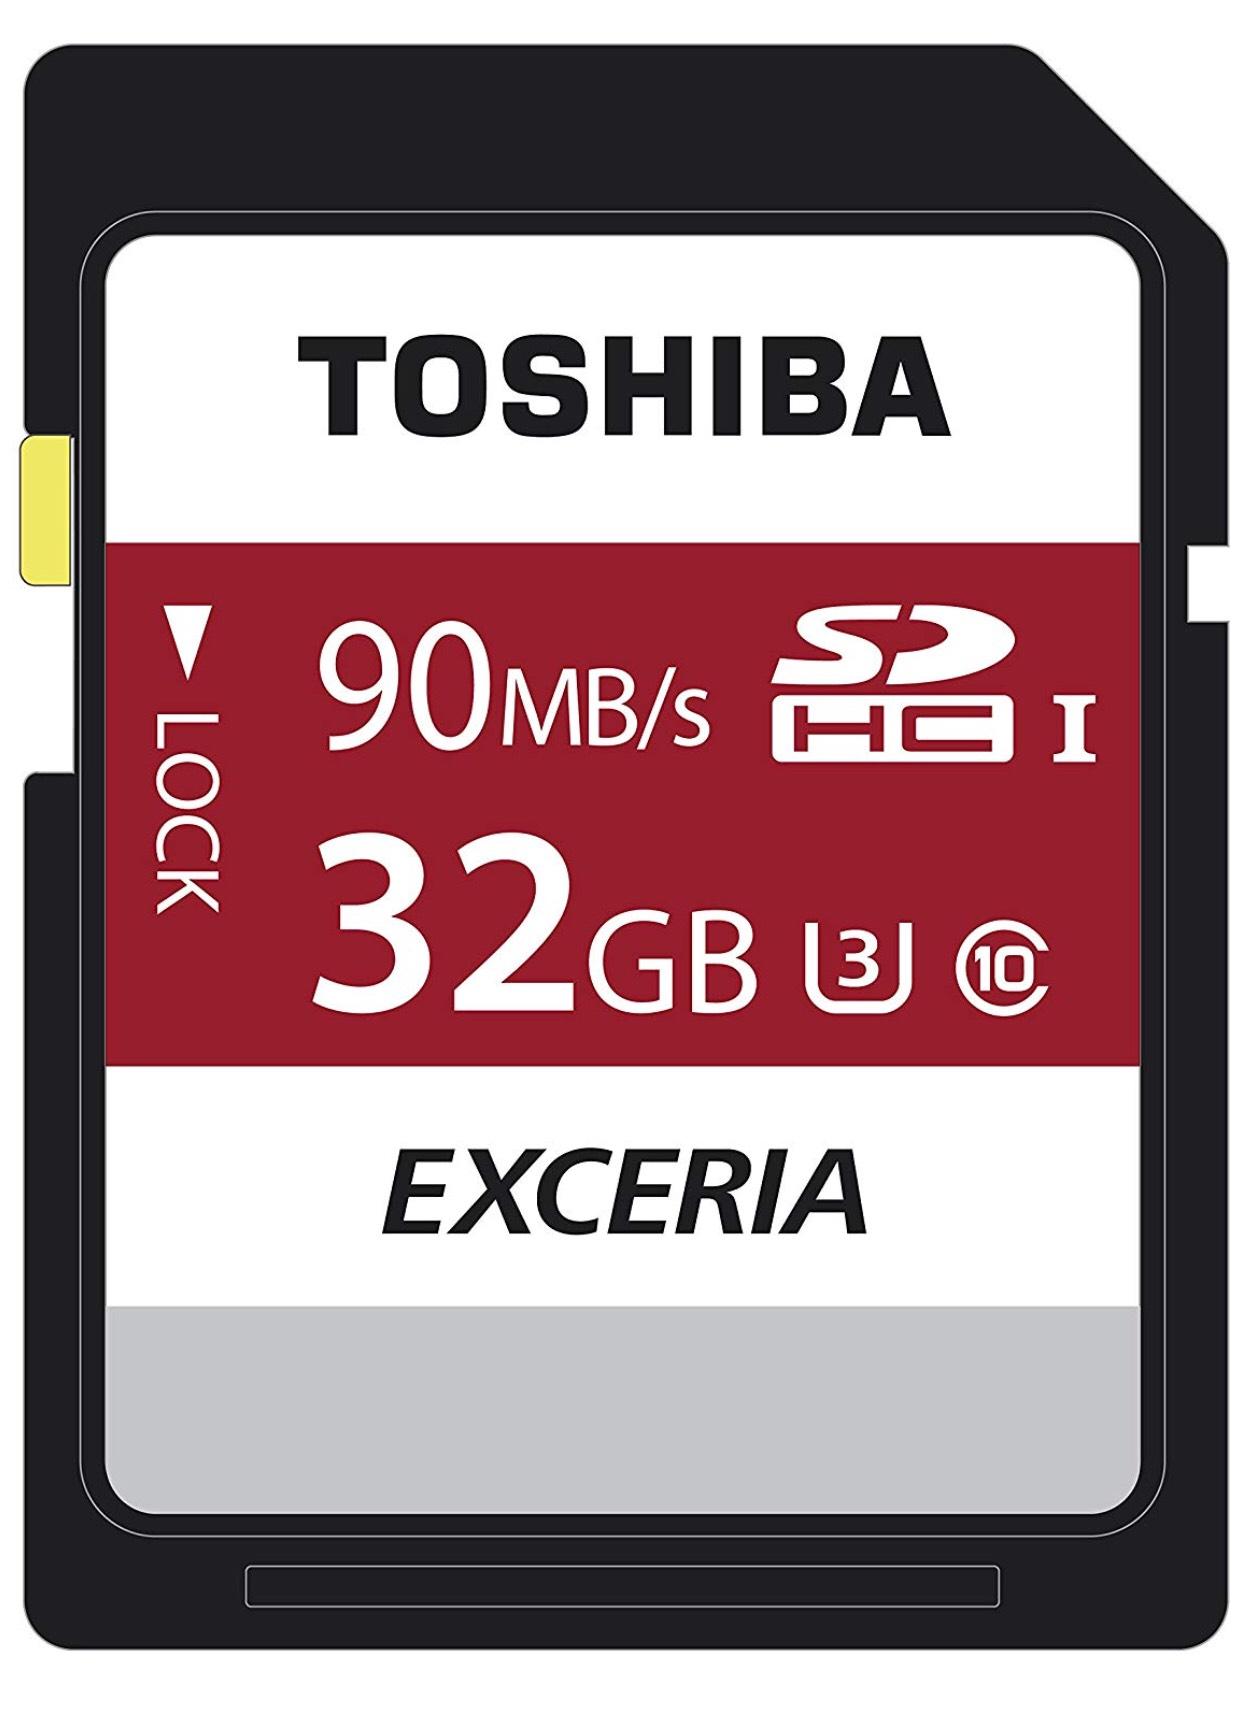 Toshiba 32GB Class 10 U3 £5.58 + 99p delivery Non Prime @ Amazon